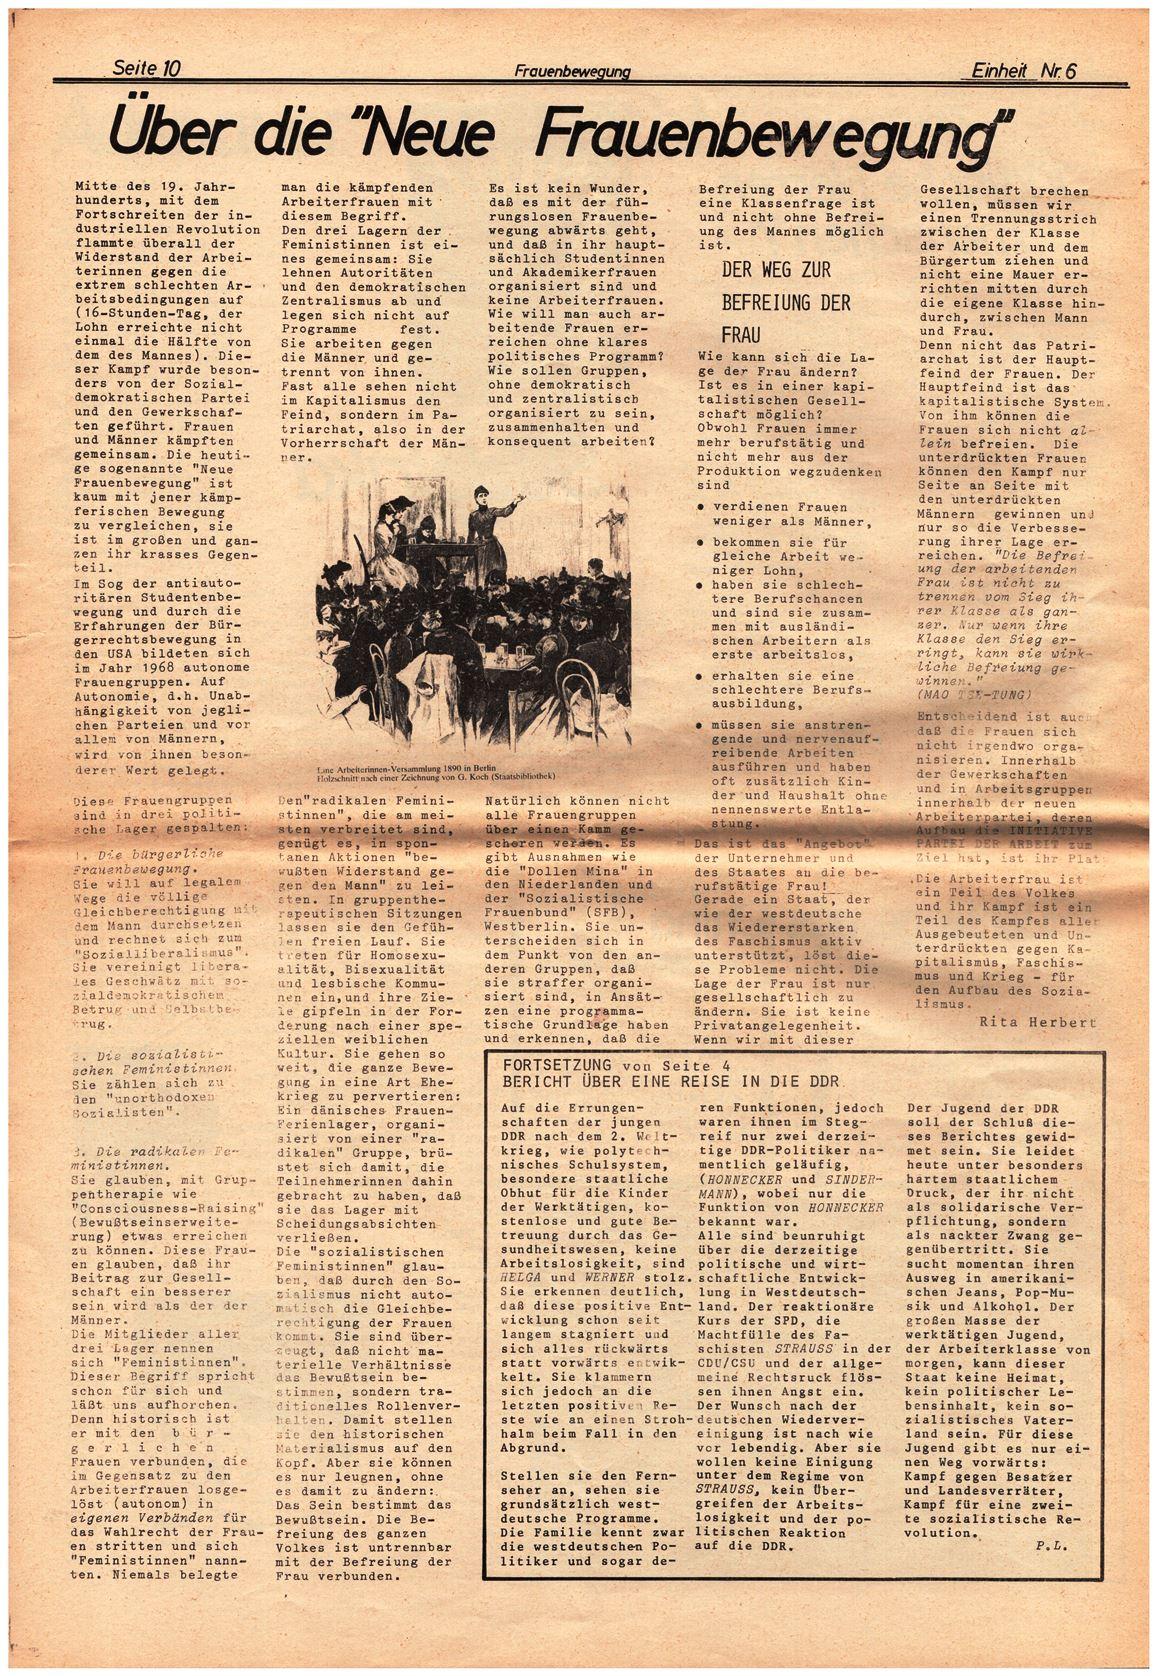 Koeln_IPdA_Einheit_1976_006_010